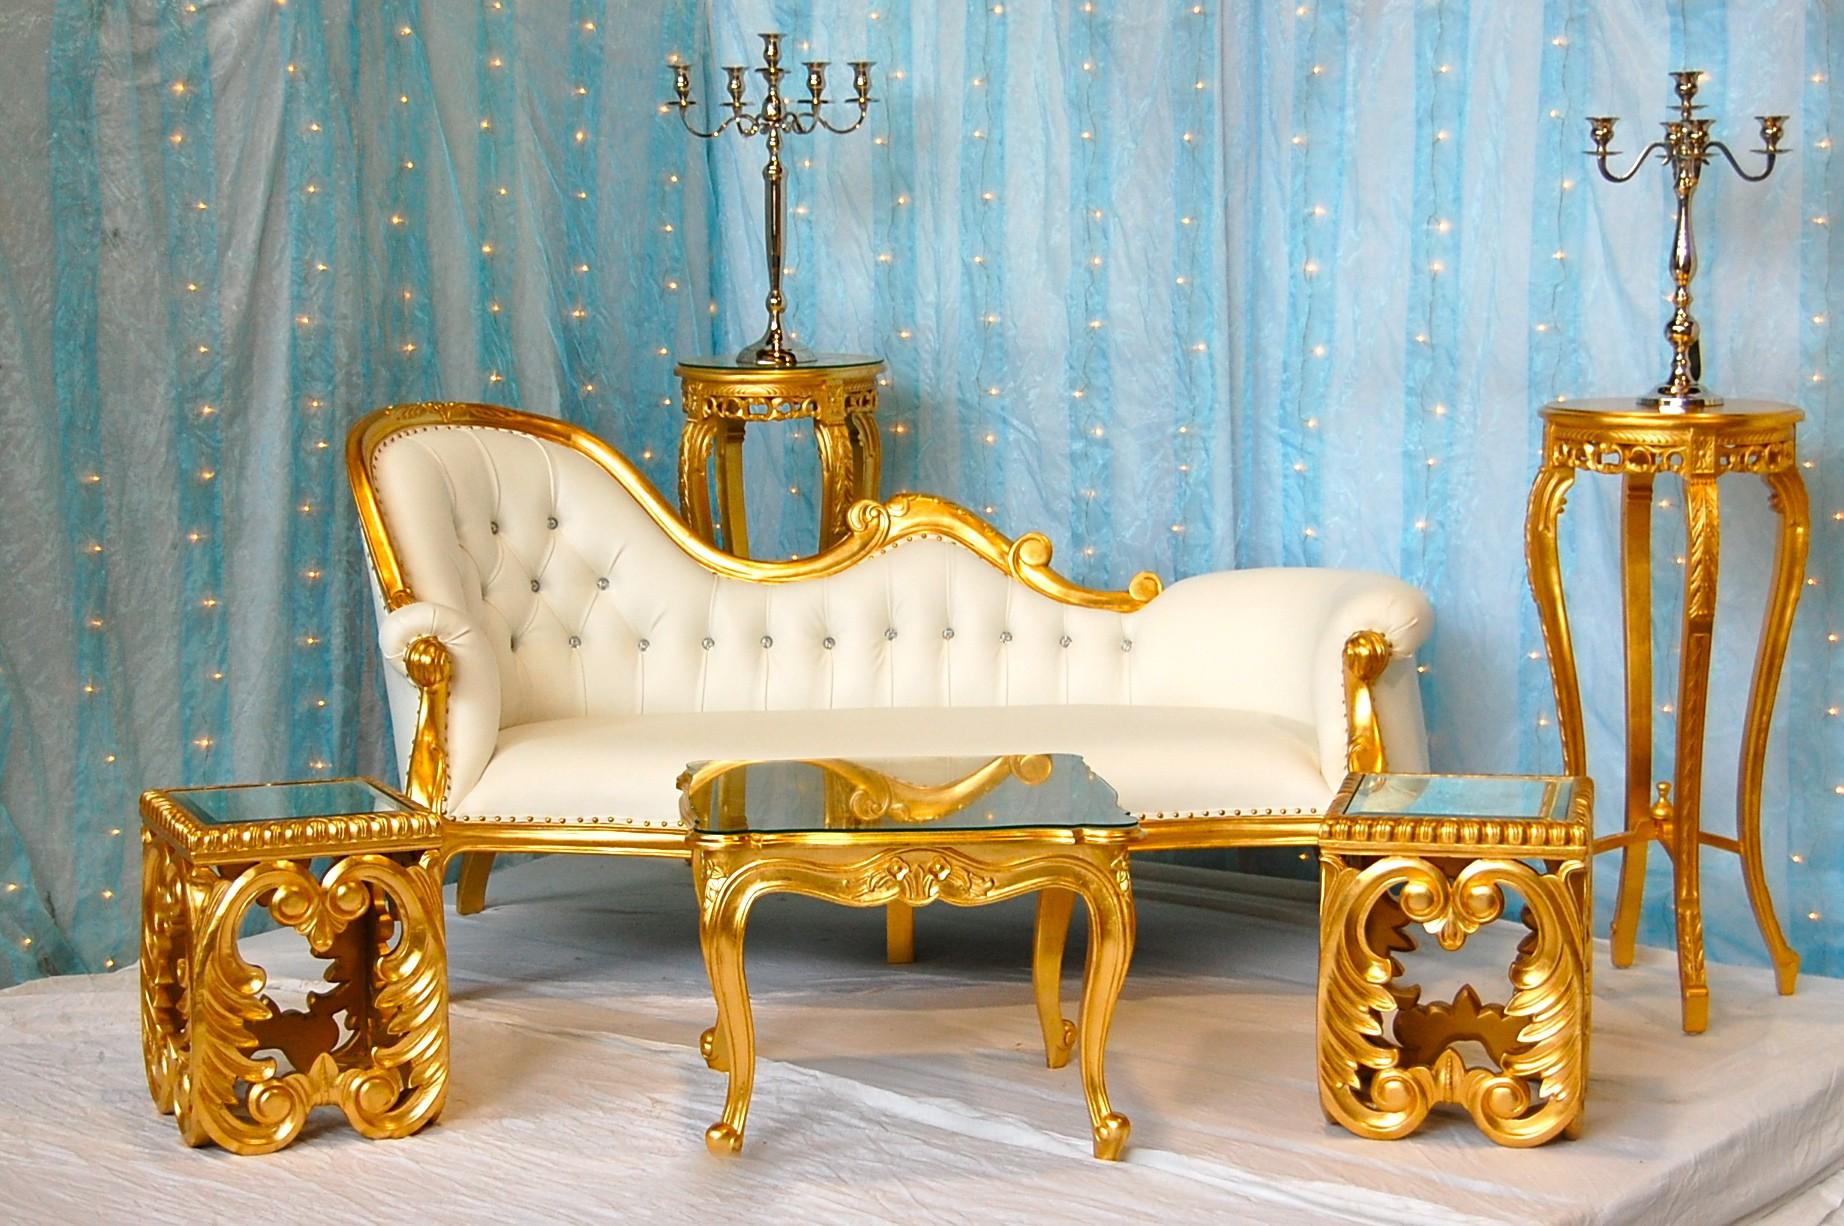 trone de mariage location dor et blanc - Location Trone Mariage Pas Cher